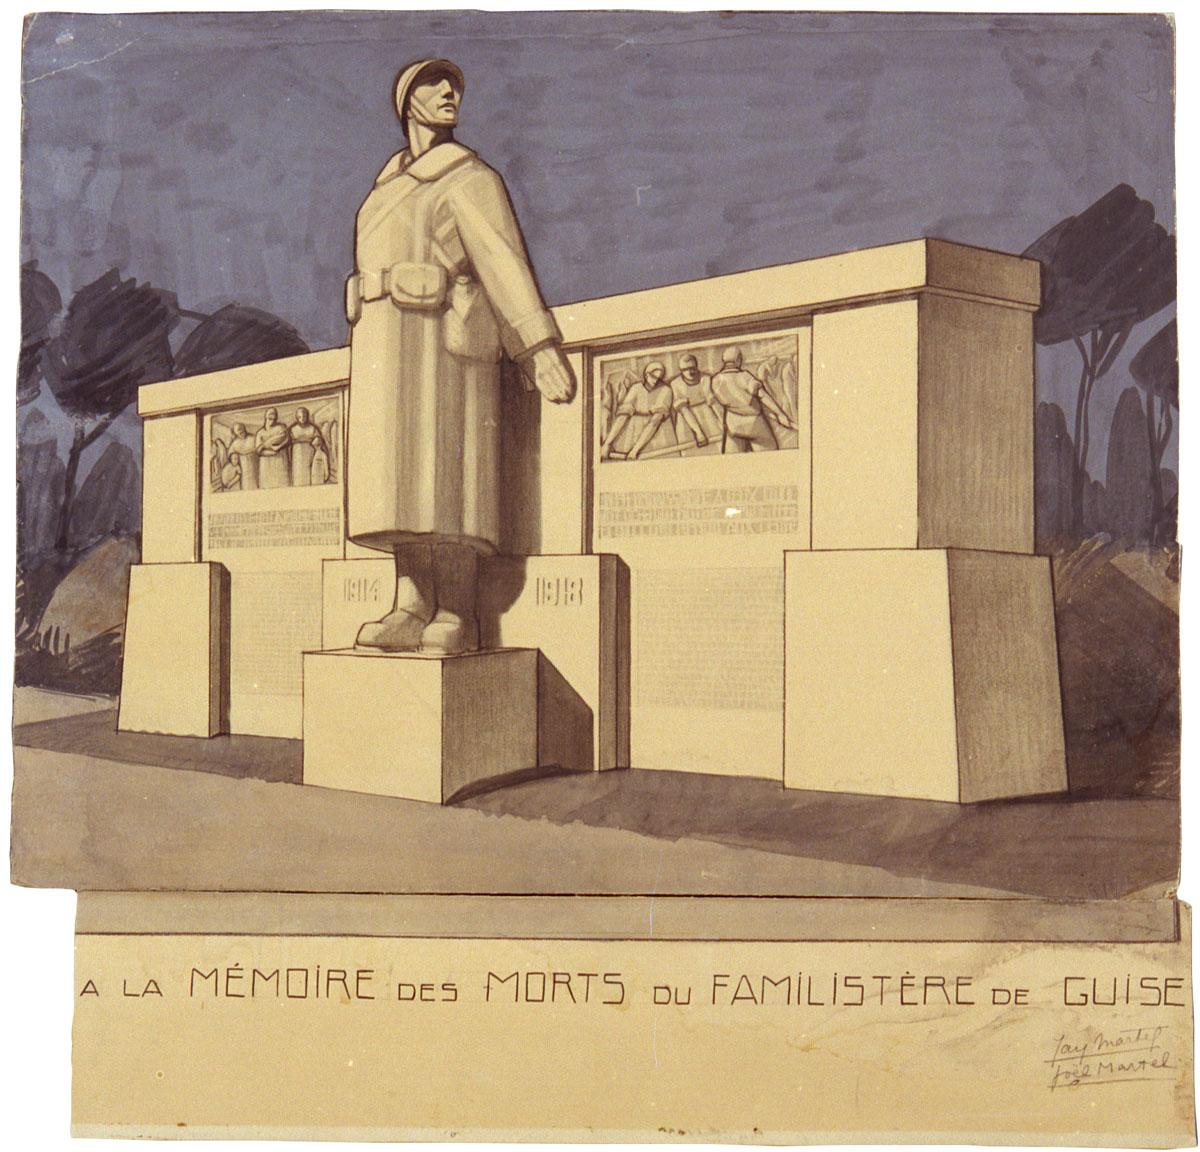 Le projet montre le monument de trois-quarts.